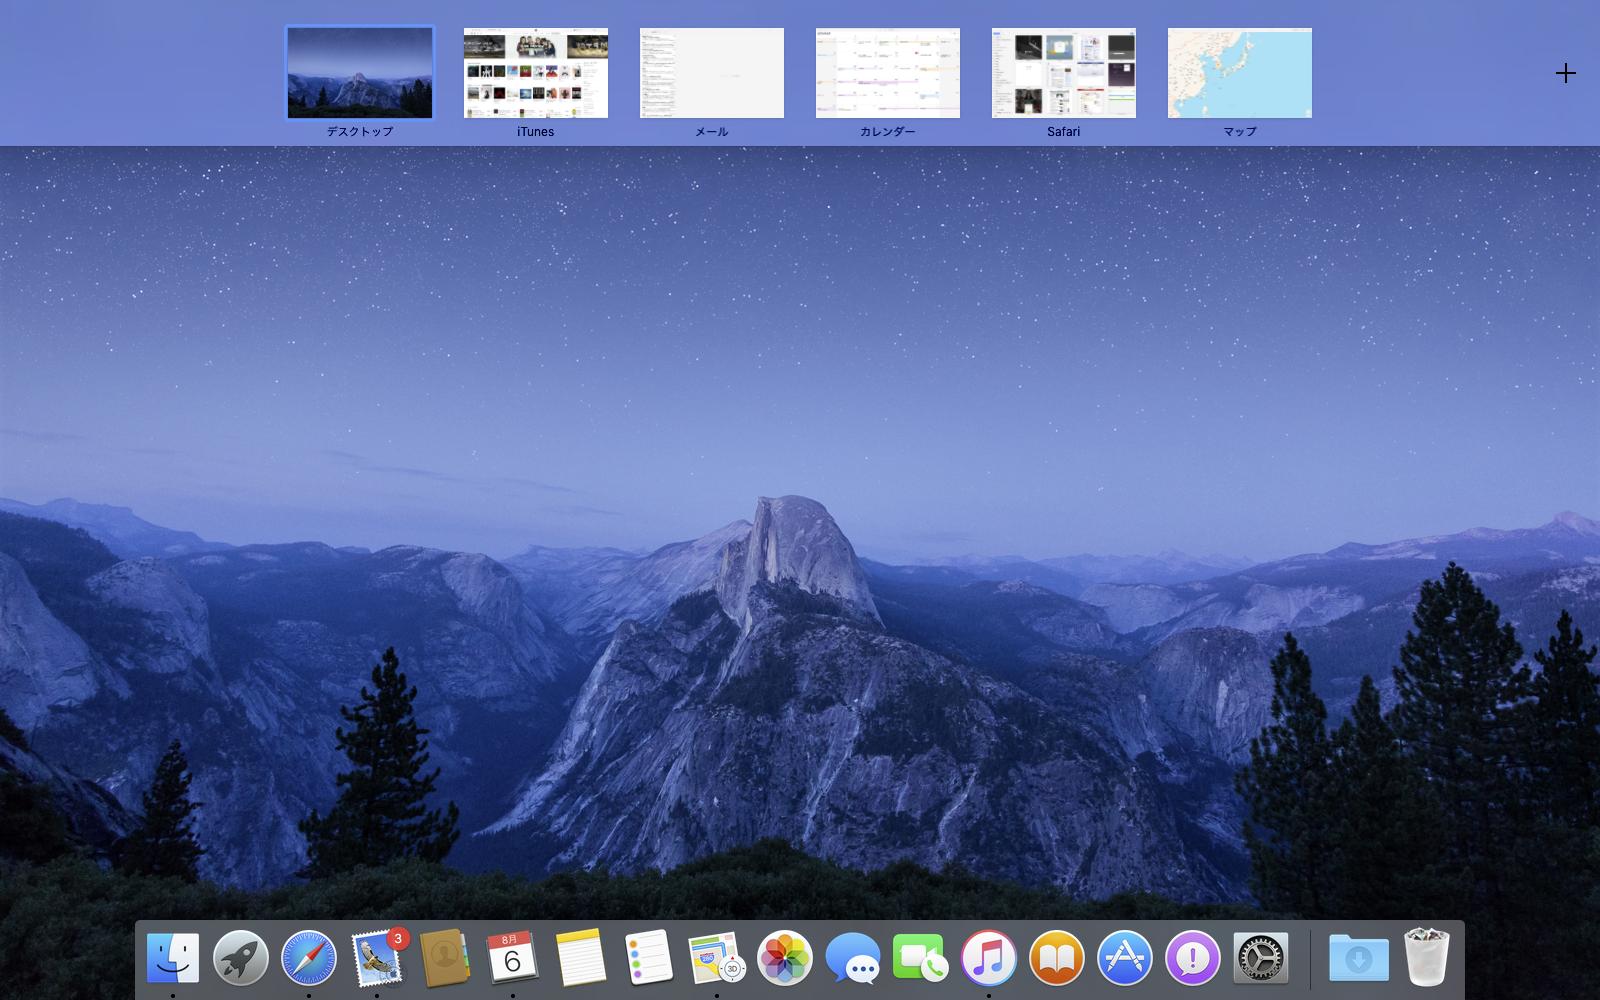 プリインストールされている標準アプリケーションのほとんどがフルスクリーン表示に対応しており、仮想デスクトップの1画面を利用できる